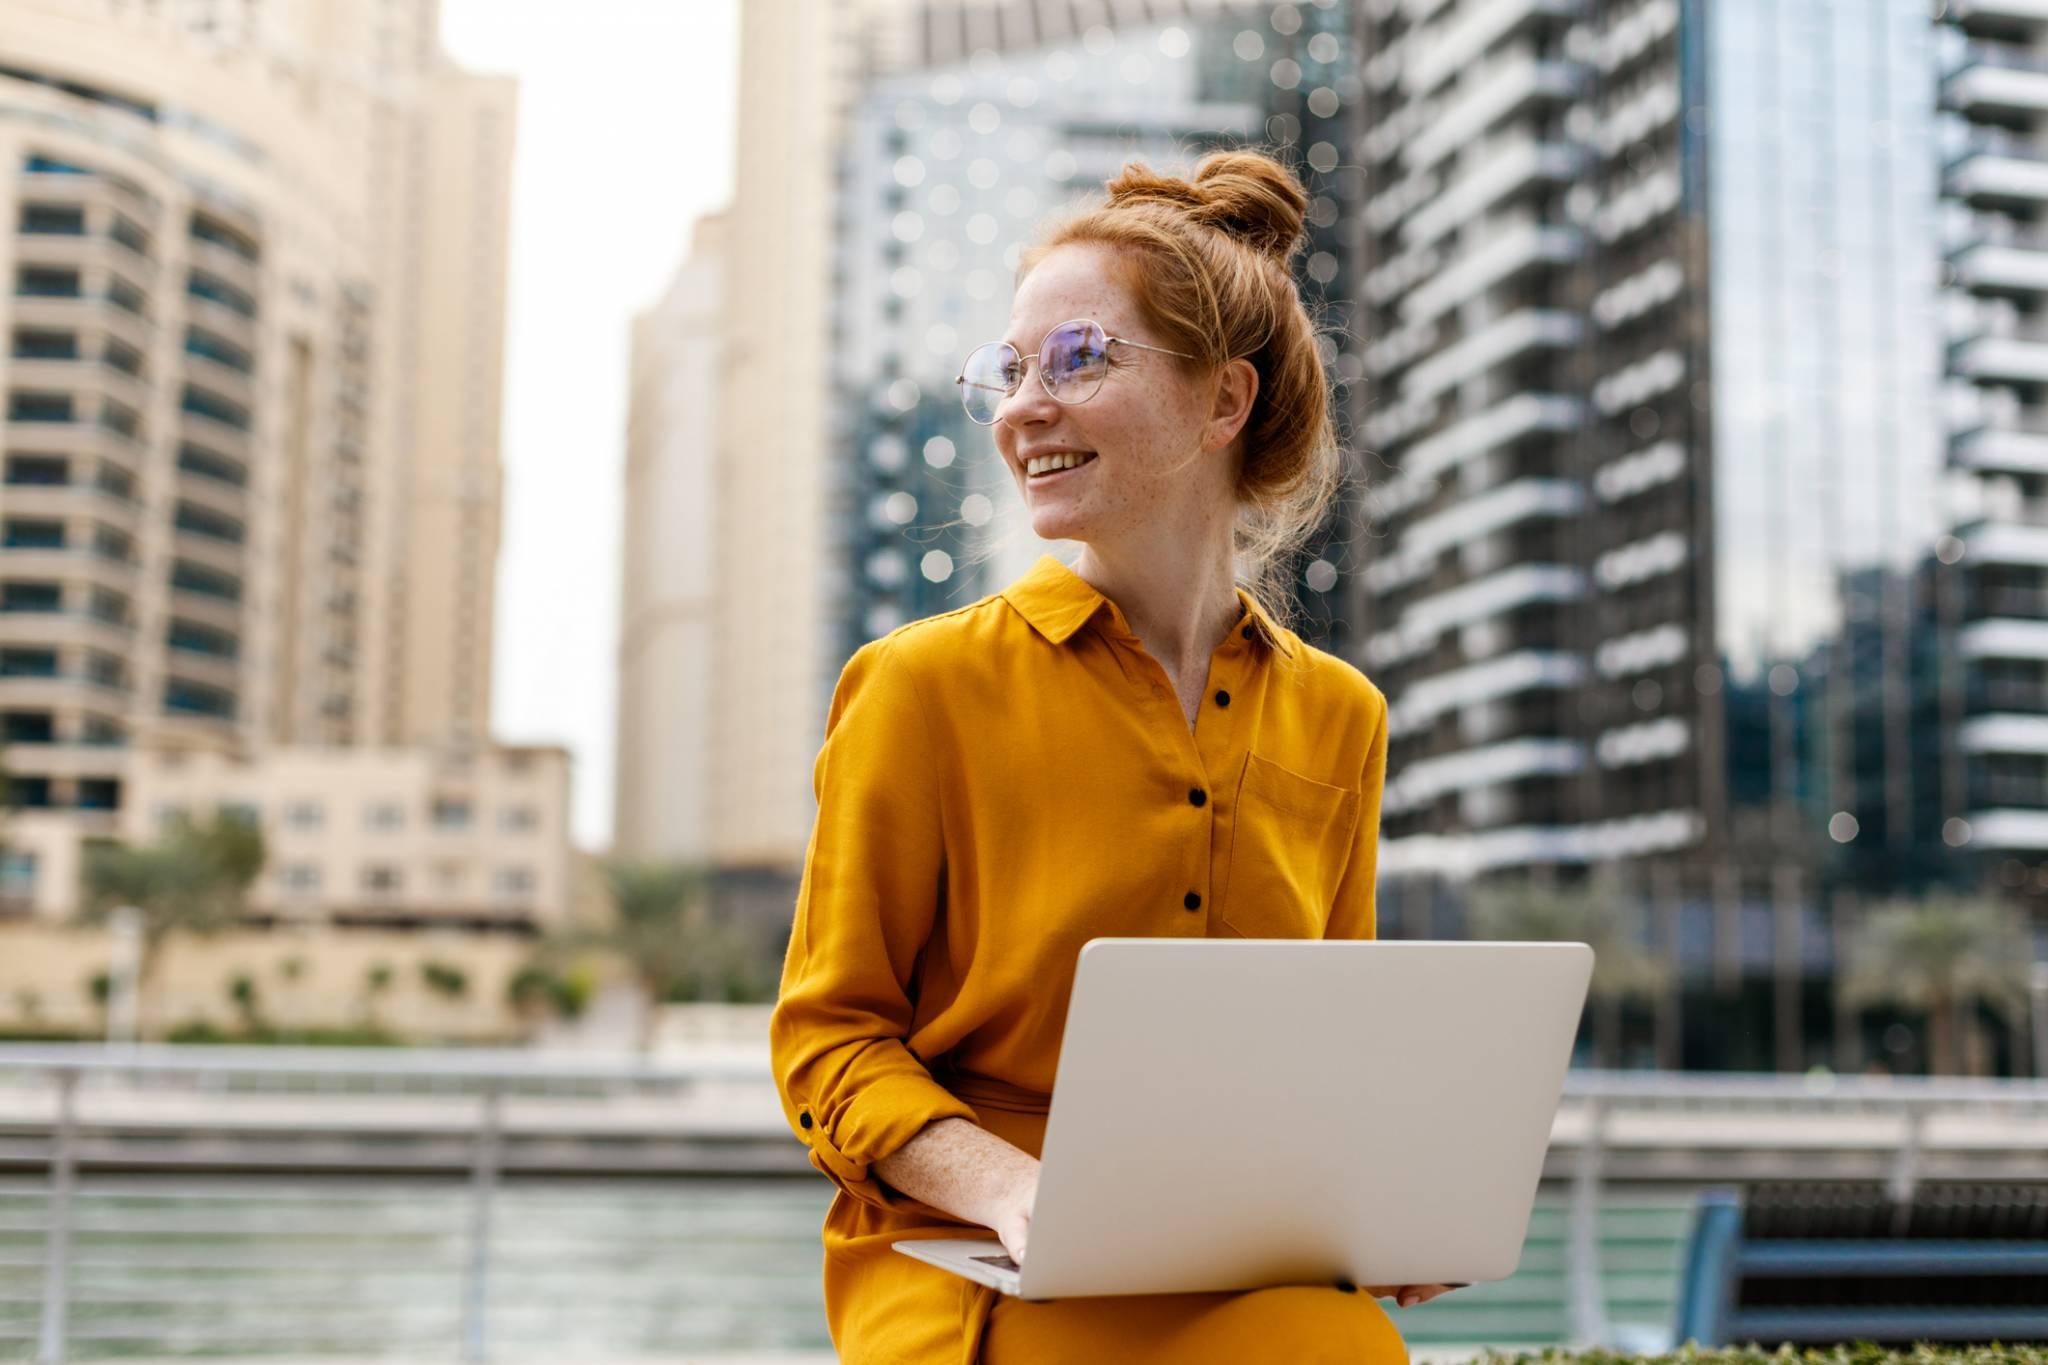 Jak odnieść sukces w biznesie, w pracy i w życiu? Sprawdzone sposoby